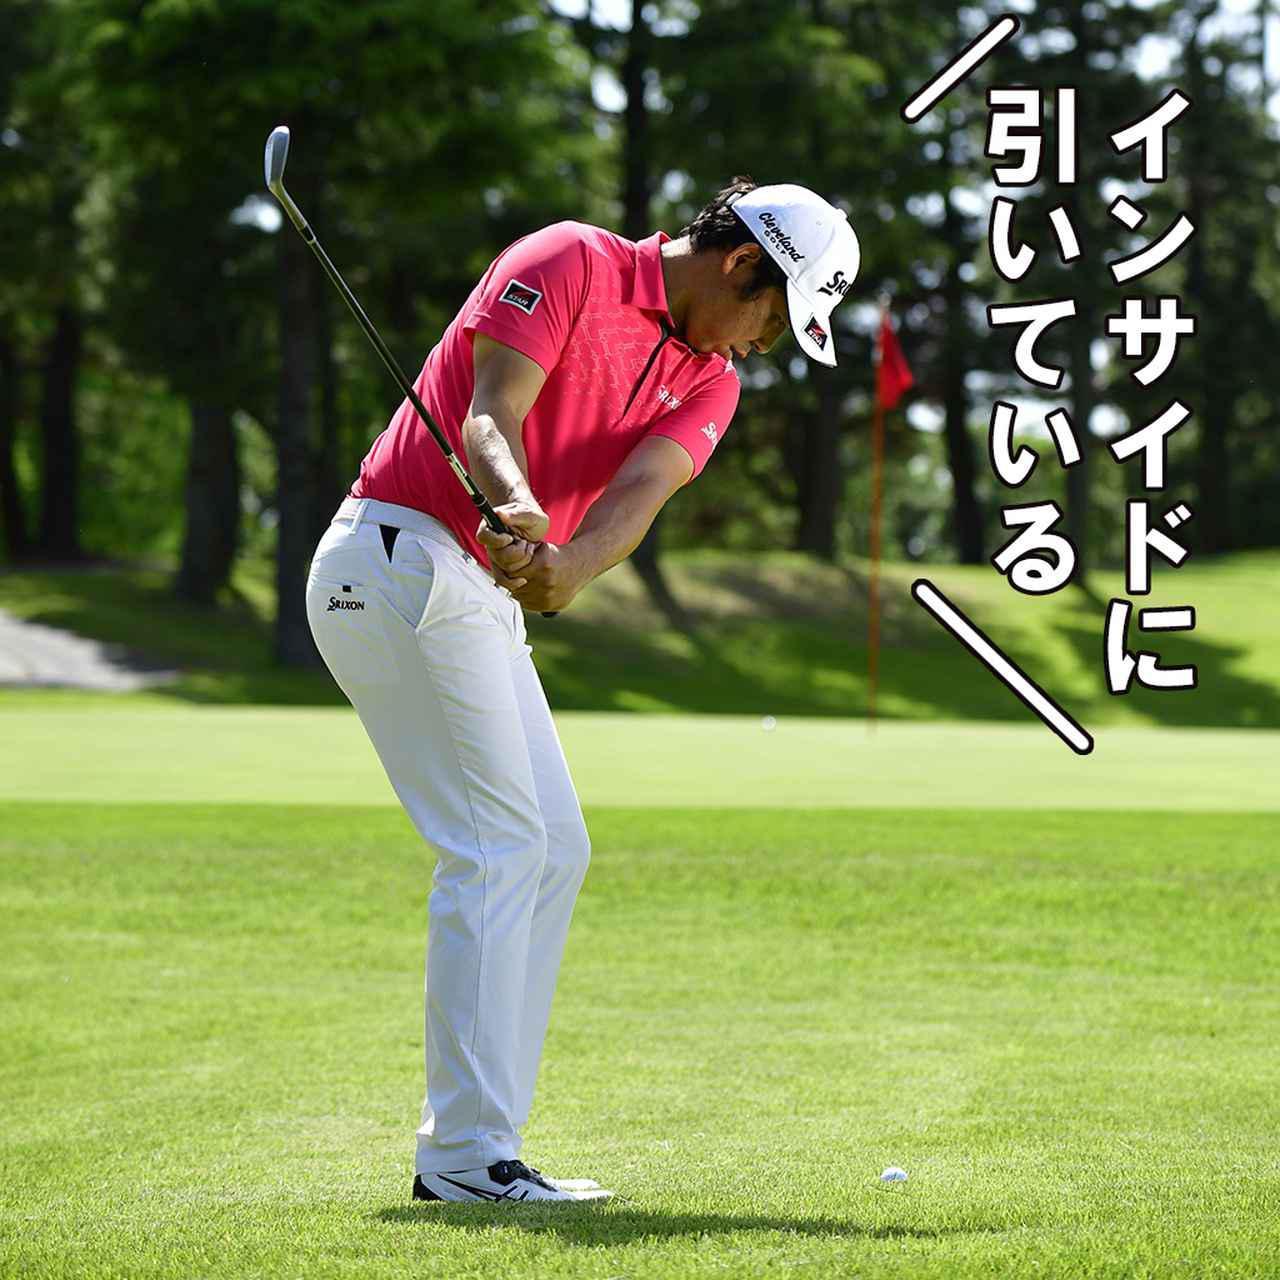 画像4: 【アプローチ】簡単に寄せられるラフからの30Y。手強いラフはフェースを開く!